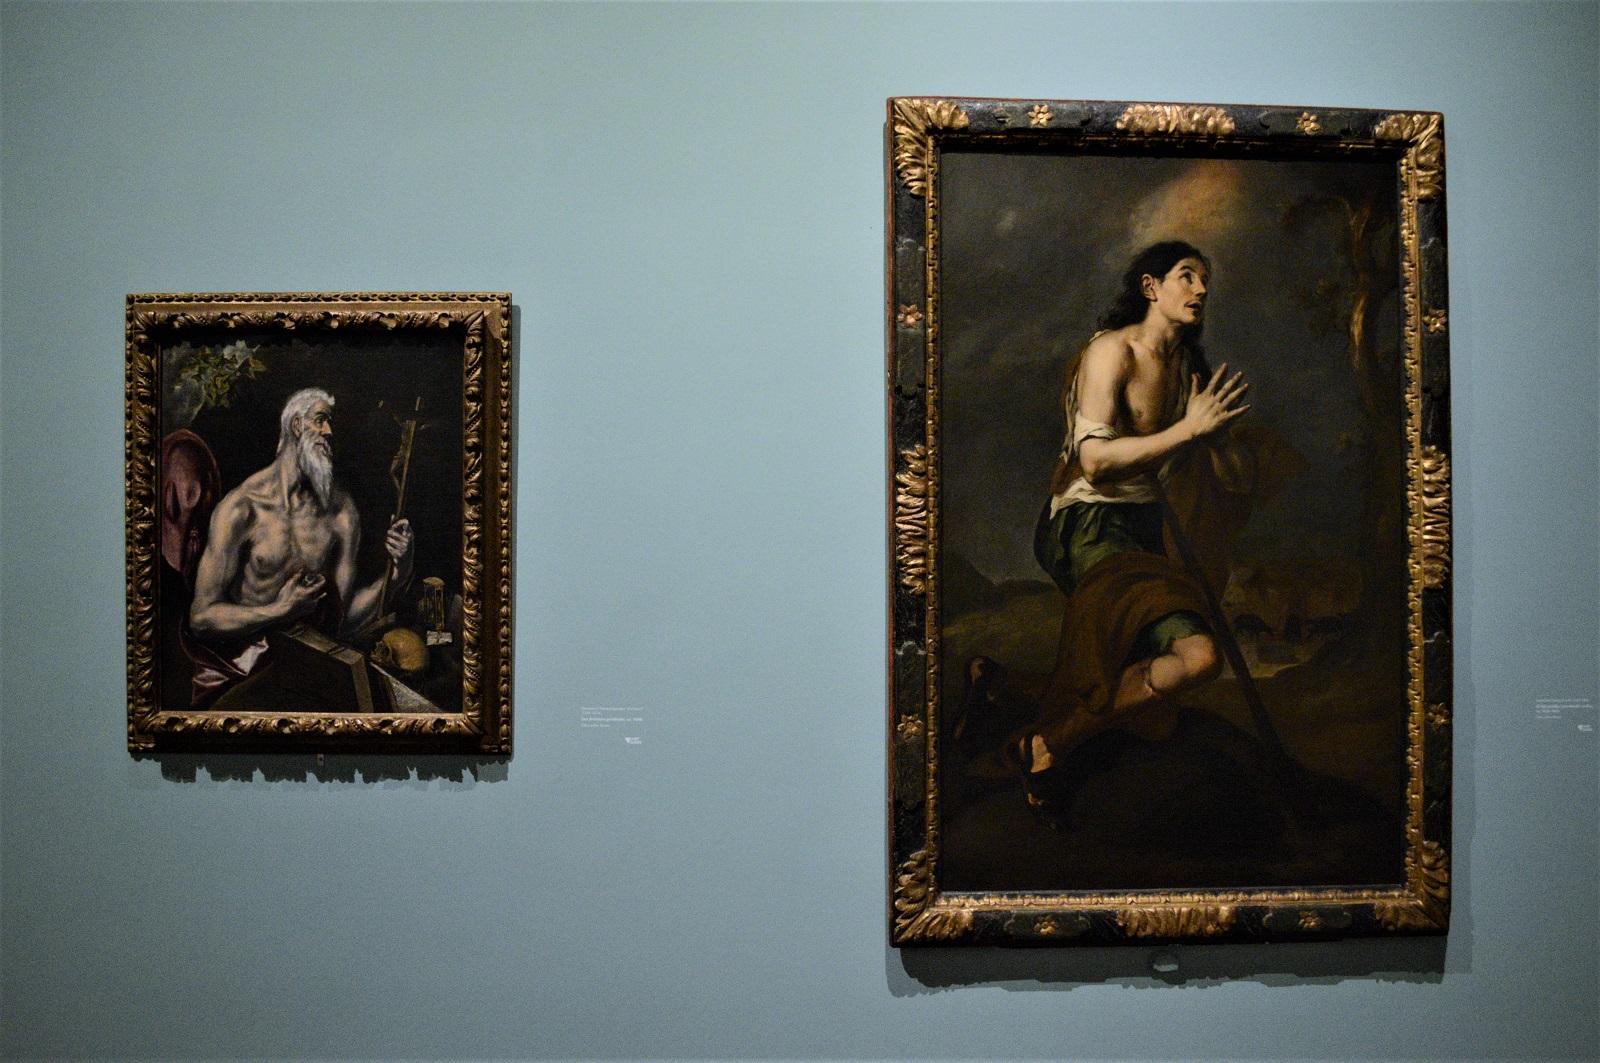 Tesoros de la Hipanic society of America en el Palacio de Bellas Artes Foto Ireli Vázquez